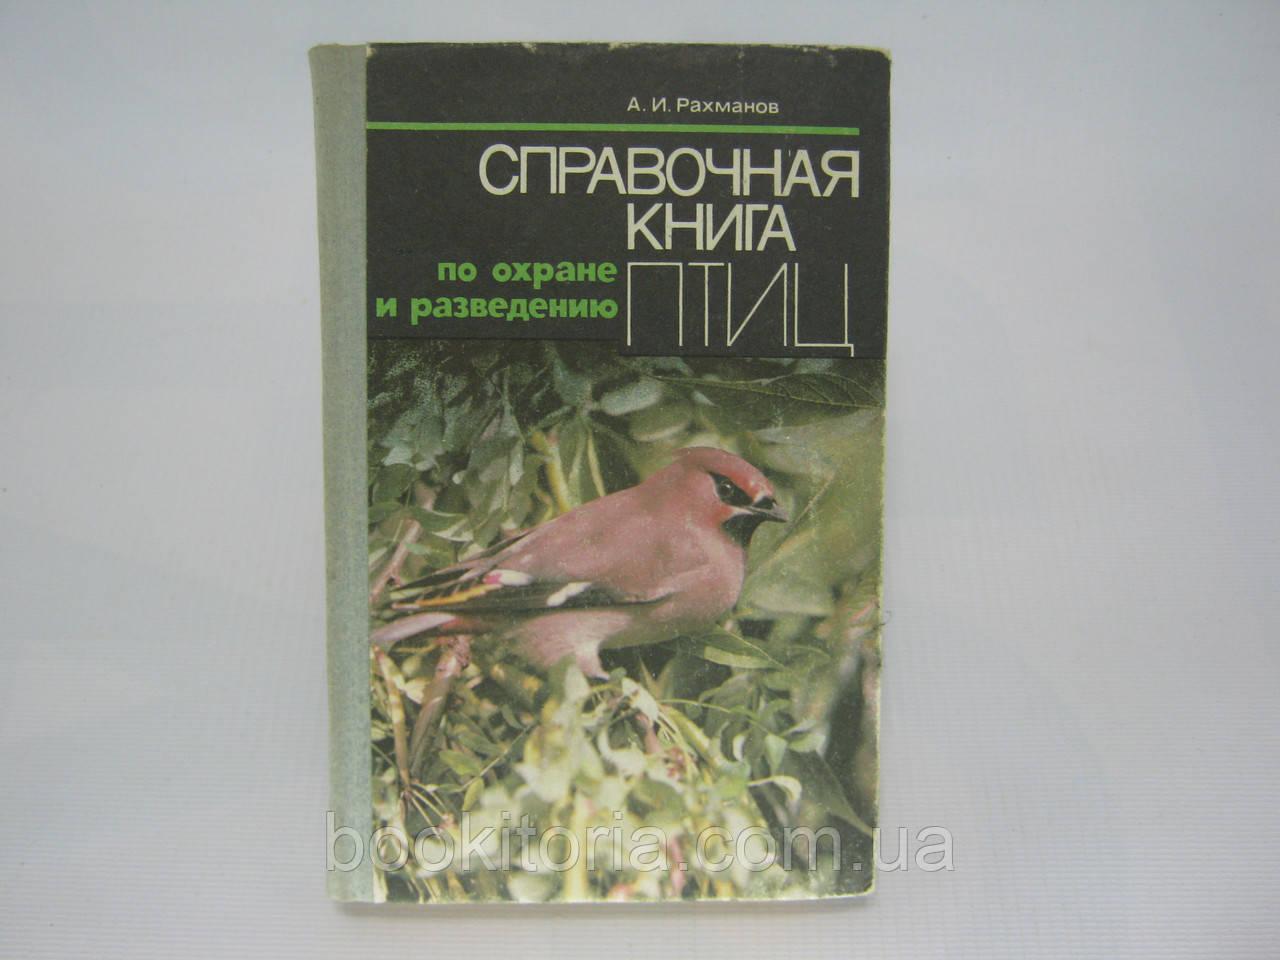 Рахманов А.И. Справочная книга по охране и разведению птиц (б/у).